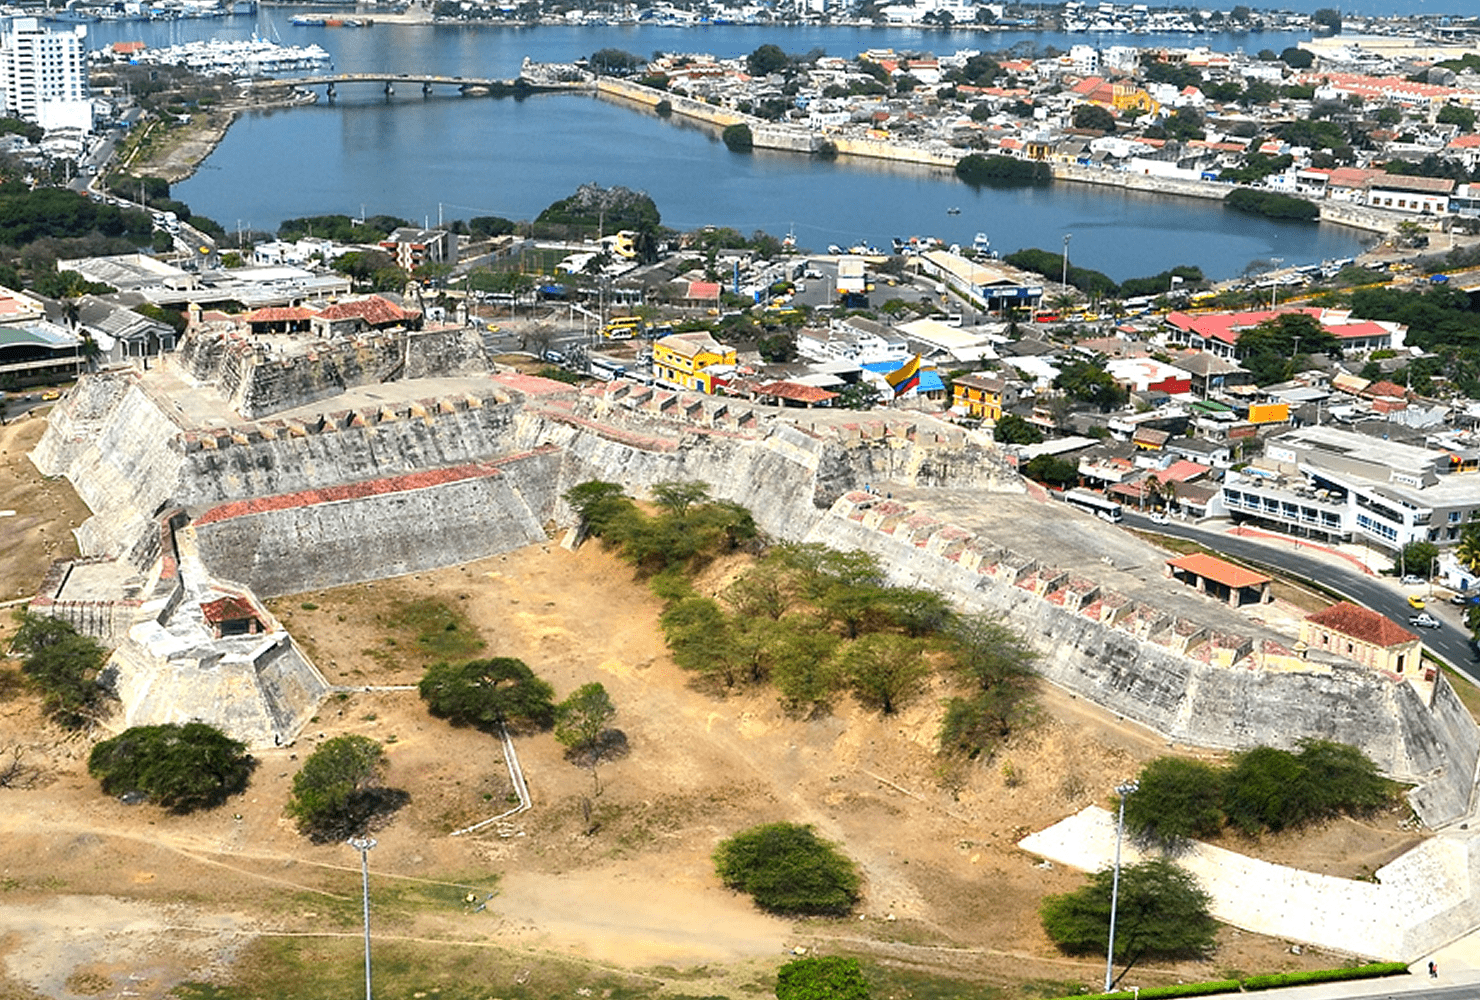 Eventos públicos en las Fortificaciones deben ser autorizados por la ETCAR